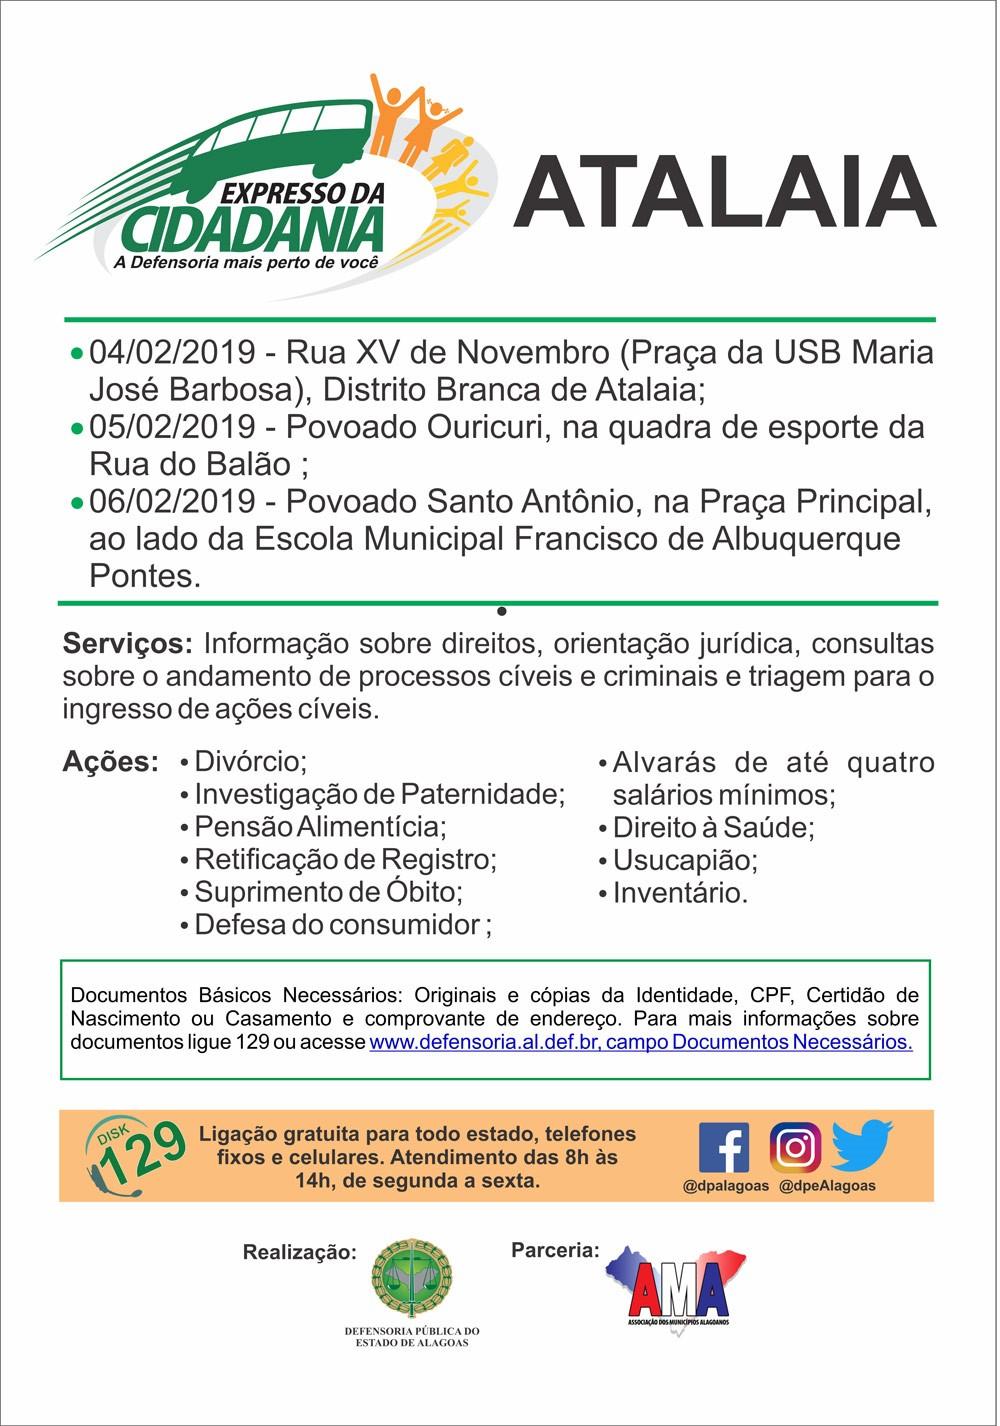 Atalaia recebe serviços do Programa Expresso da Cidadania no mês de fevereiro